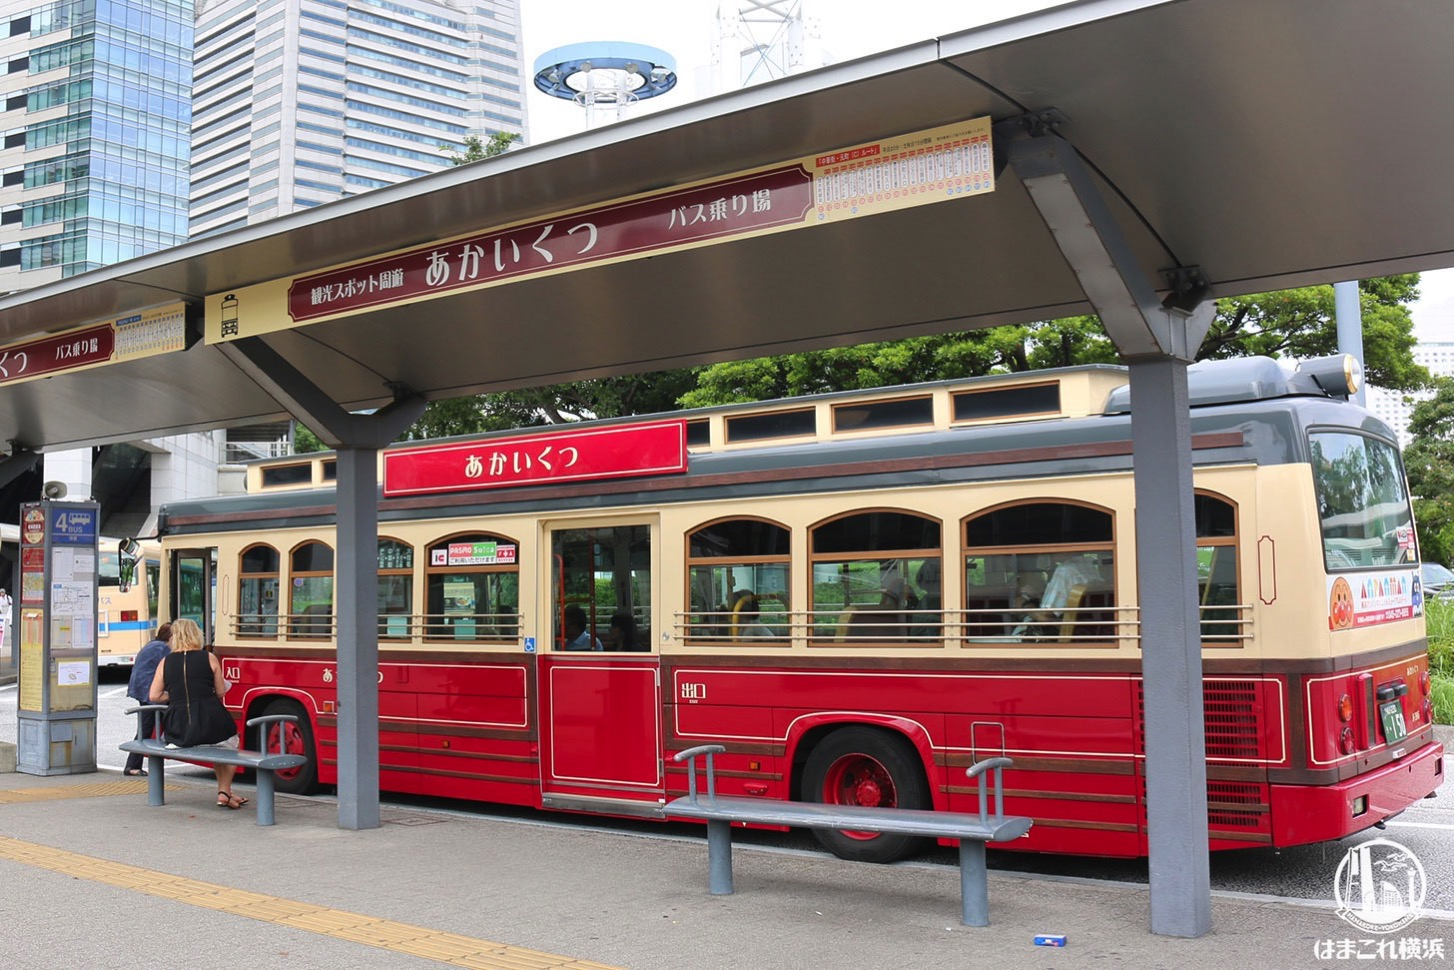 横浜市交通局観光系バス路線・深夜バスなど4月4日からの週末の運休発表